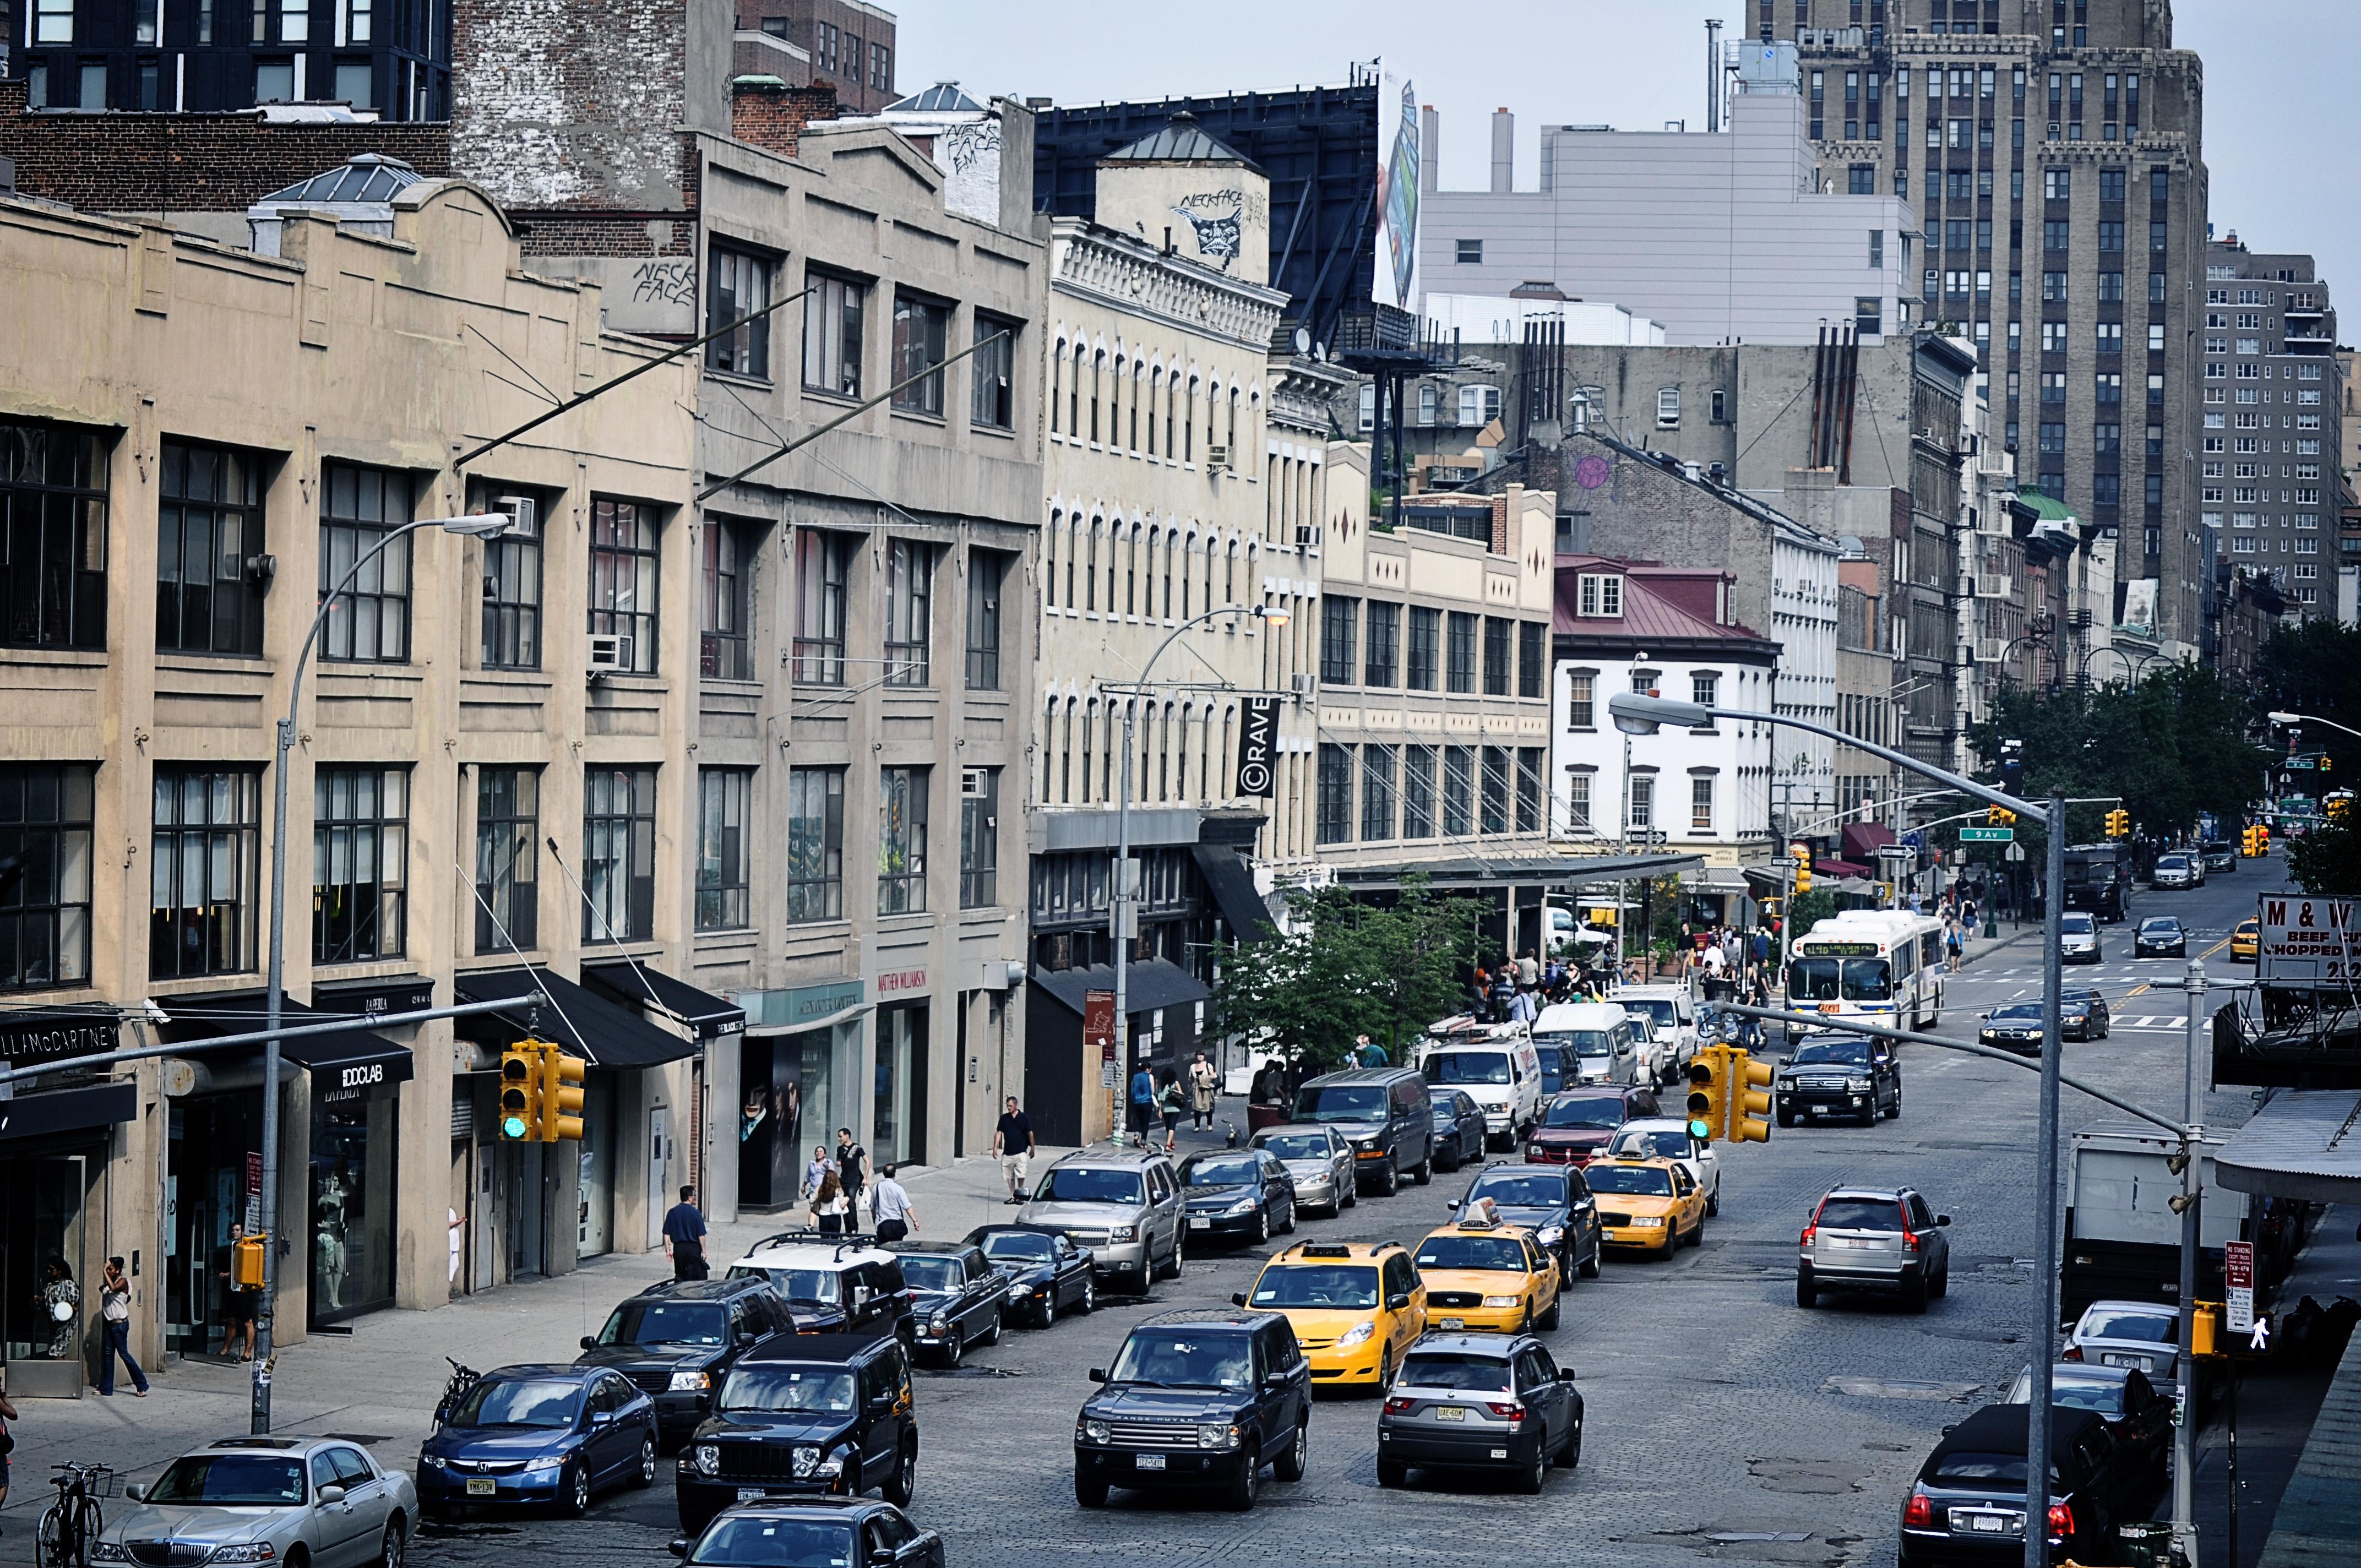 2016-09-life-of-pix-free-stock-city-street-circulation-davidtrawin